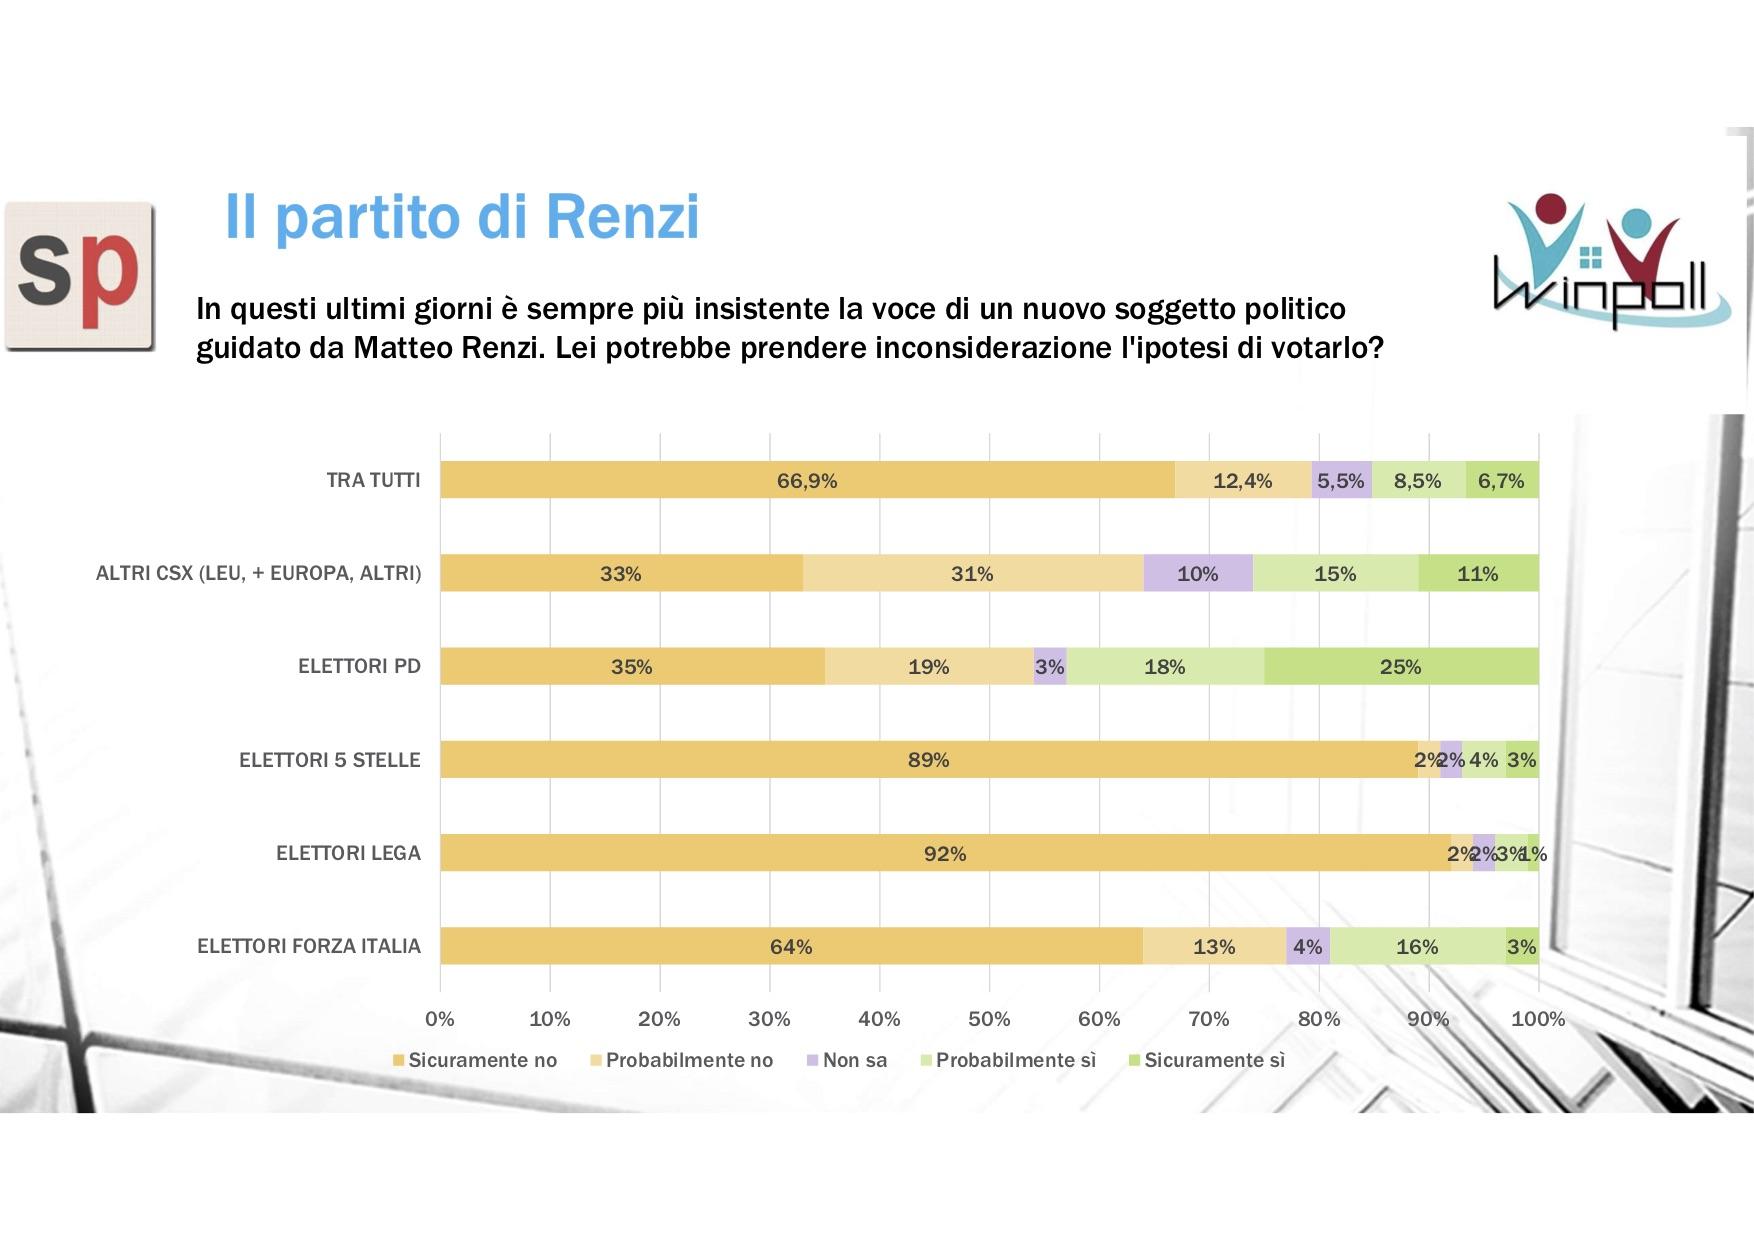 Sondaggio Scenari Politici - Winpoll (9 dicembre 2018): Il Partito di Renzi